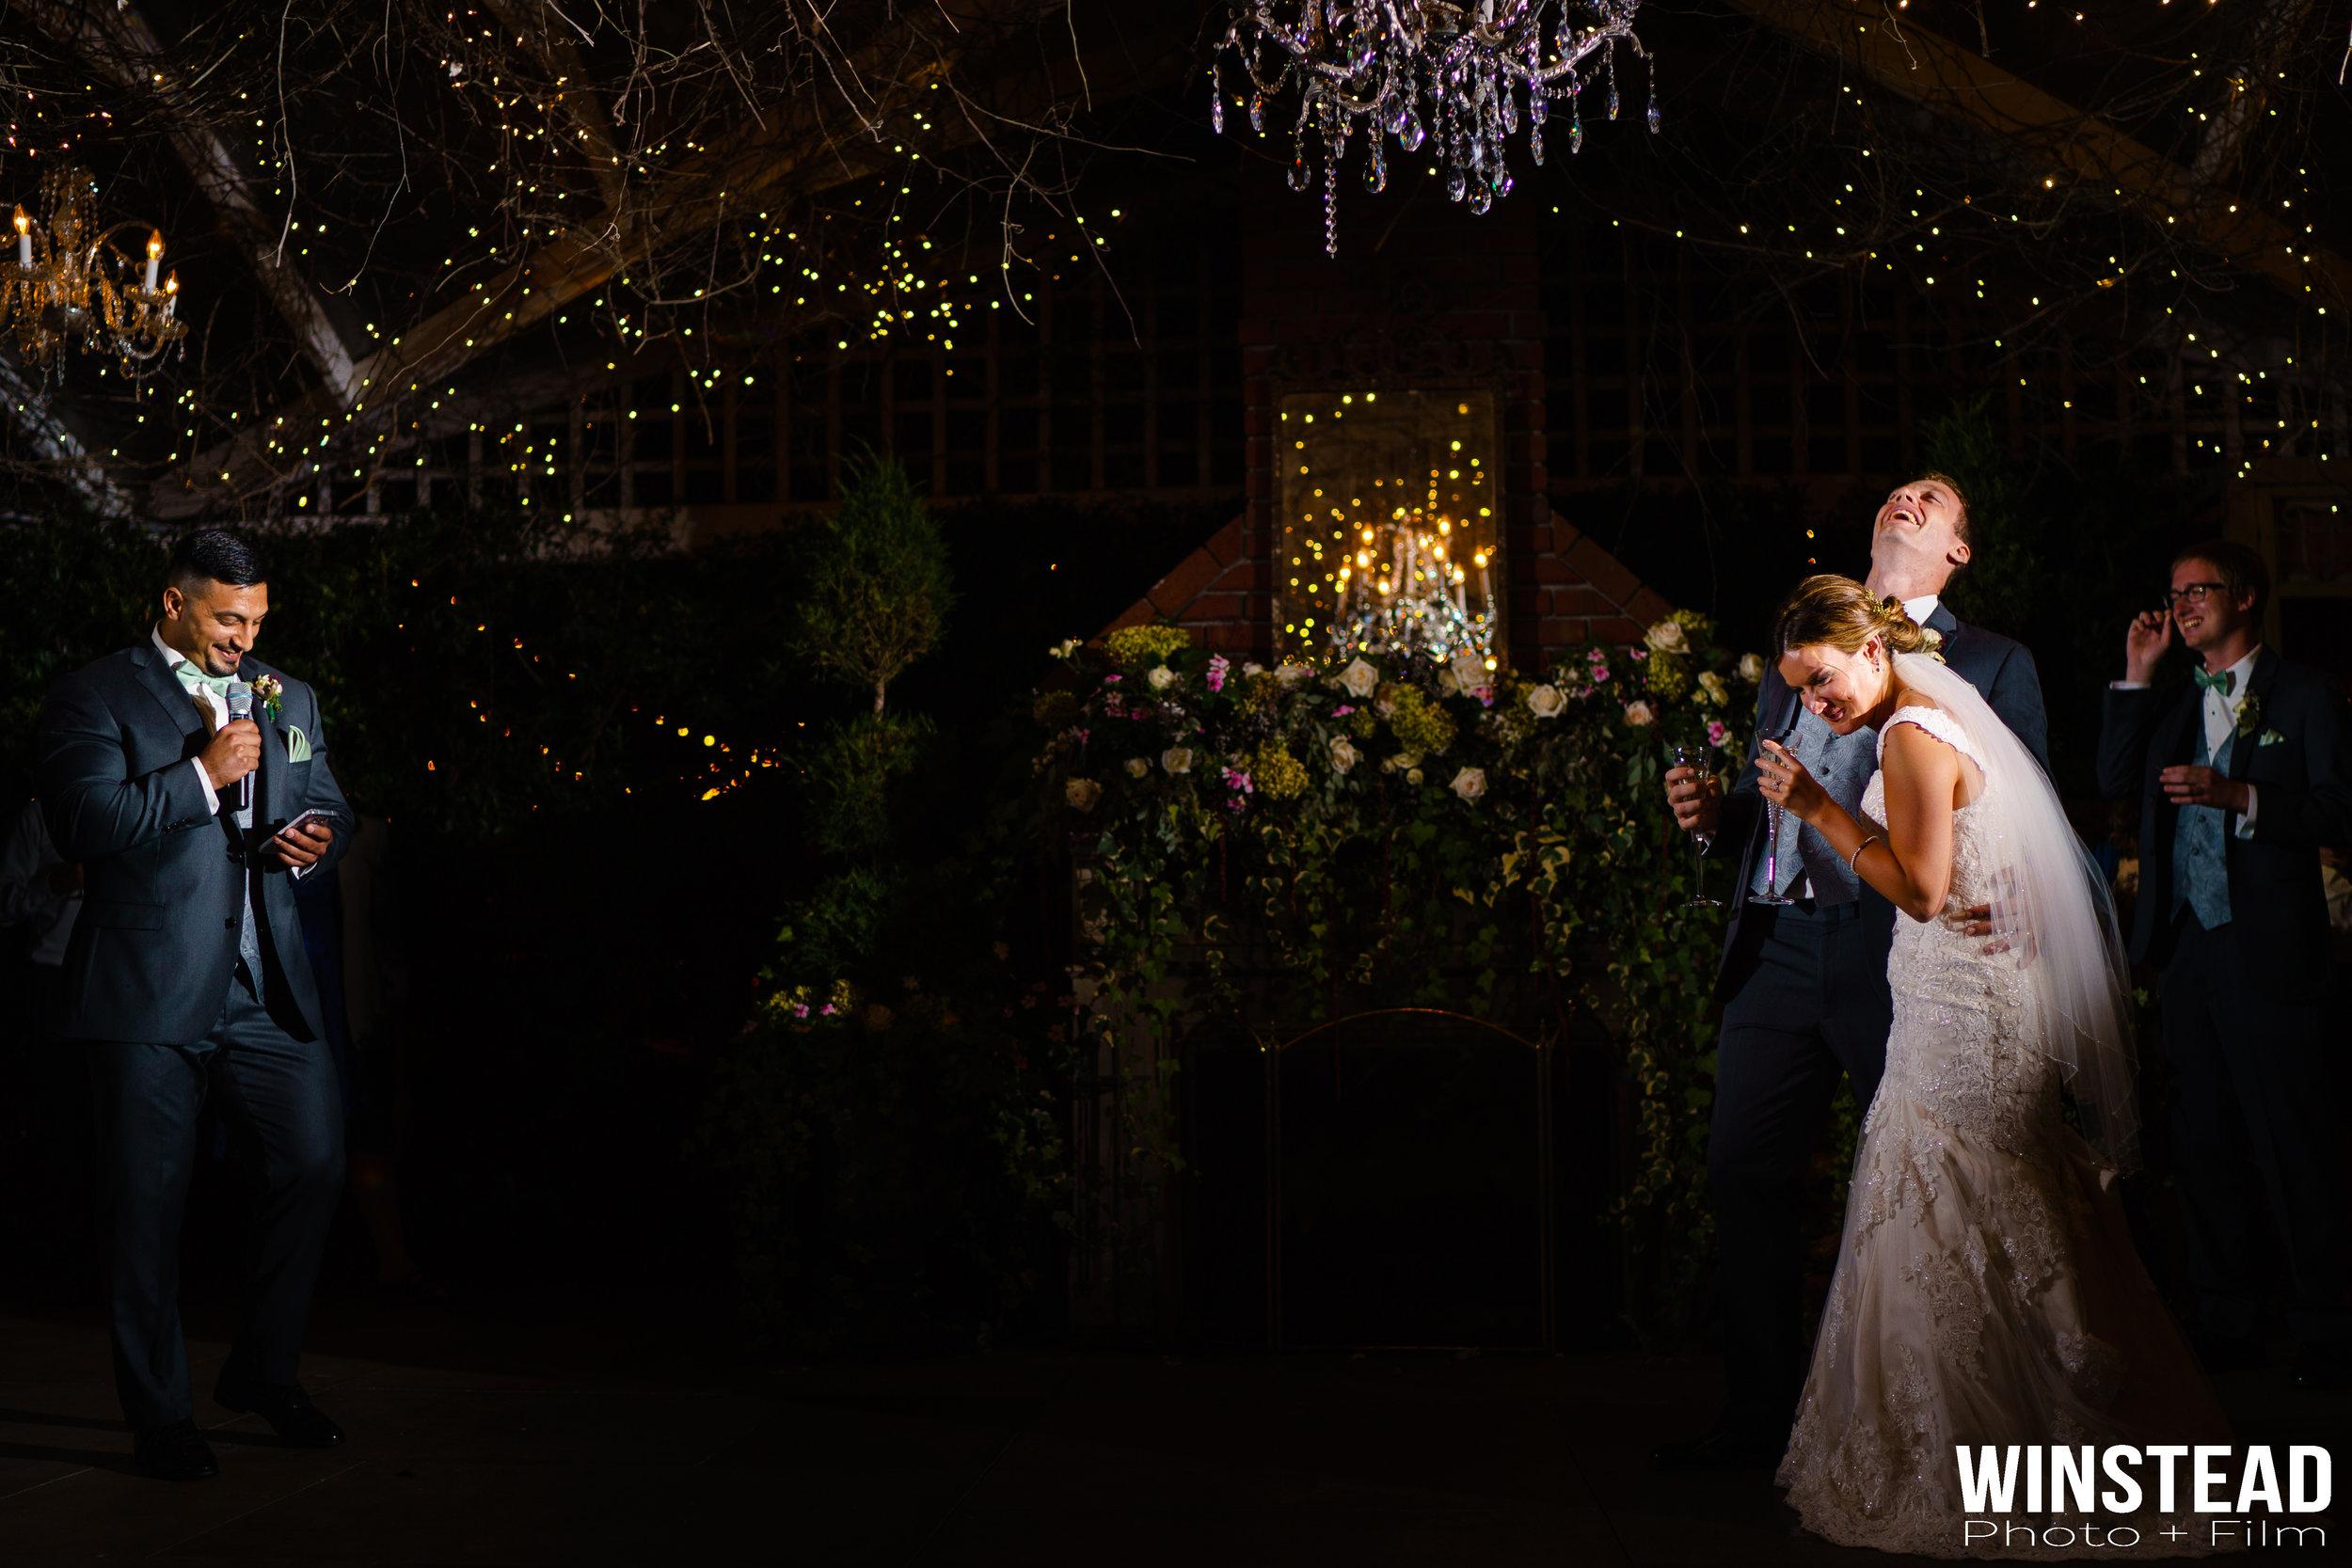 watson-house-emerald-isle-nc-wedding-051.jpg